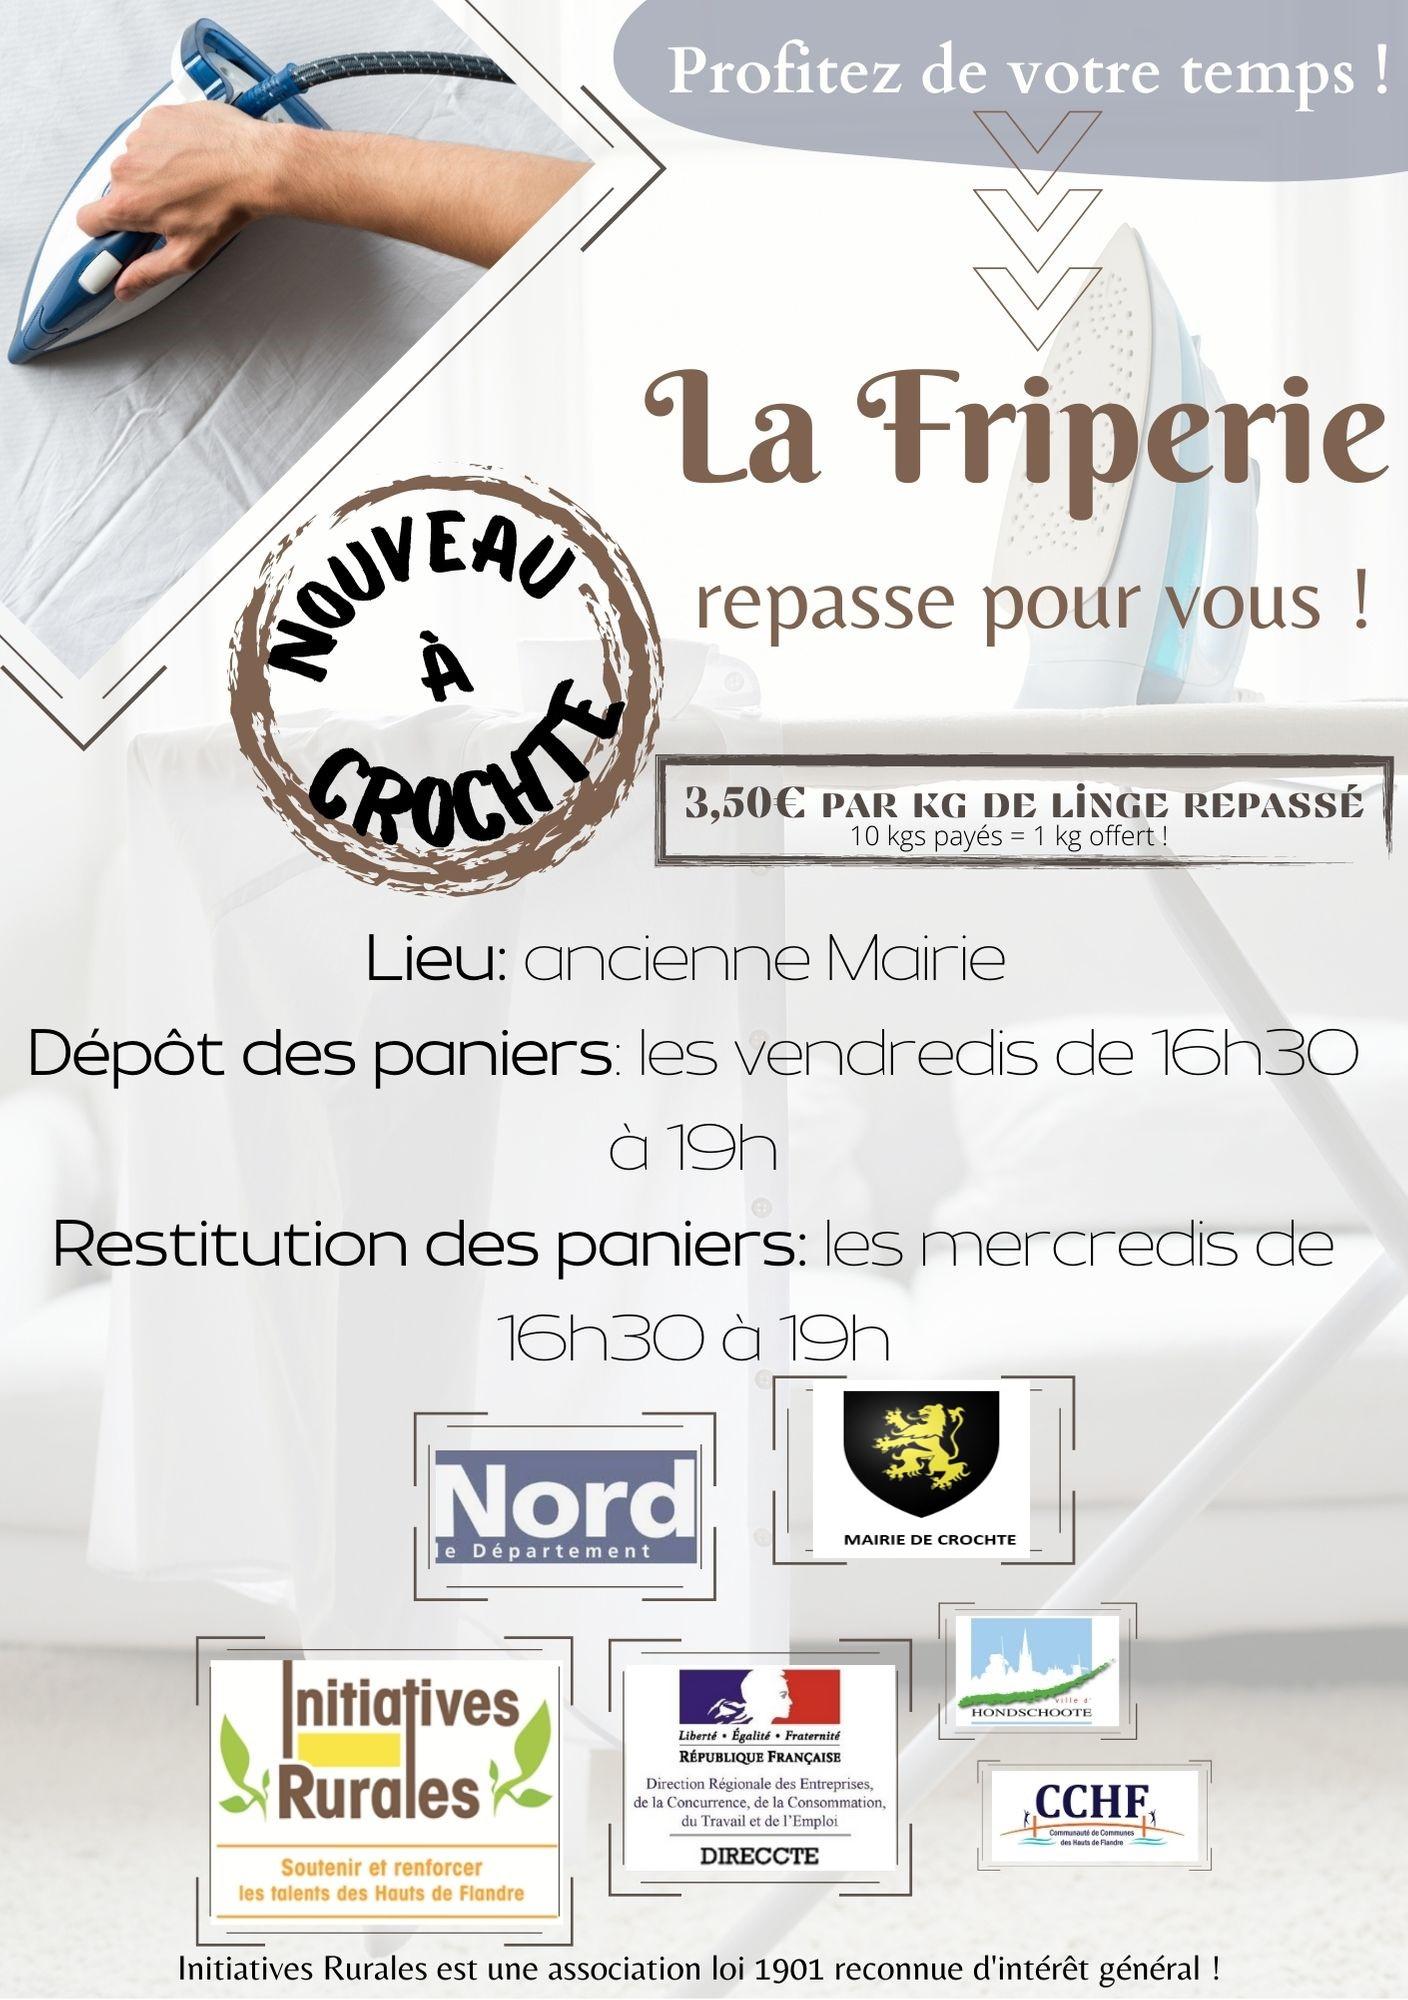 Friperie CROCHTE.jpg